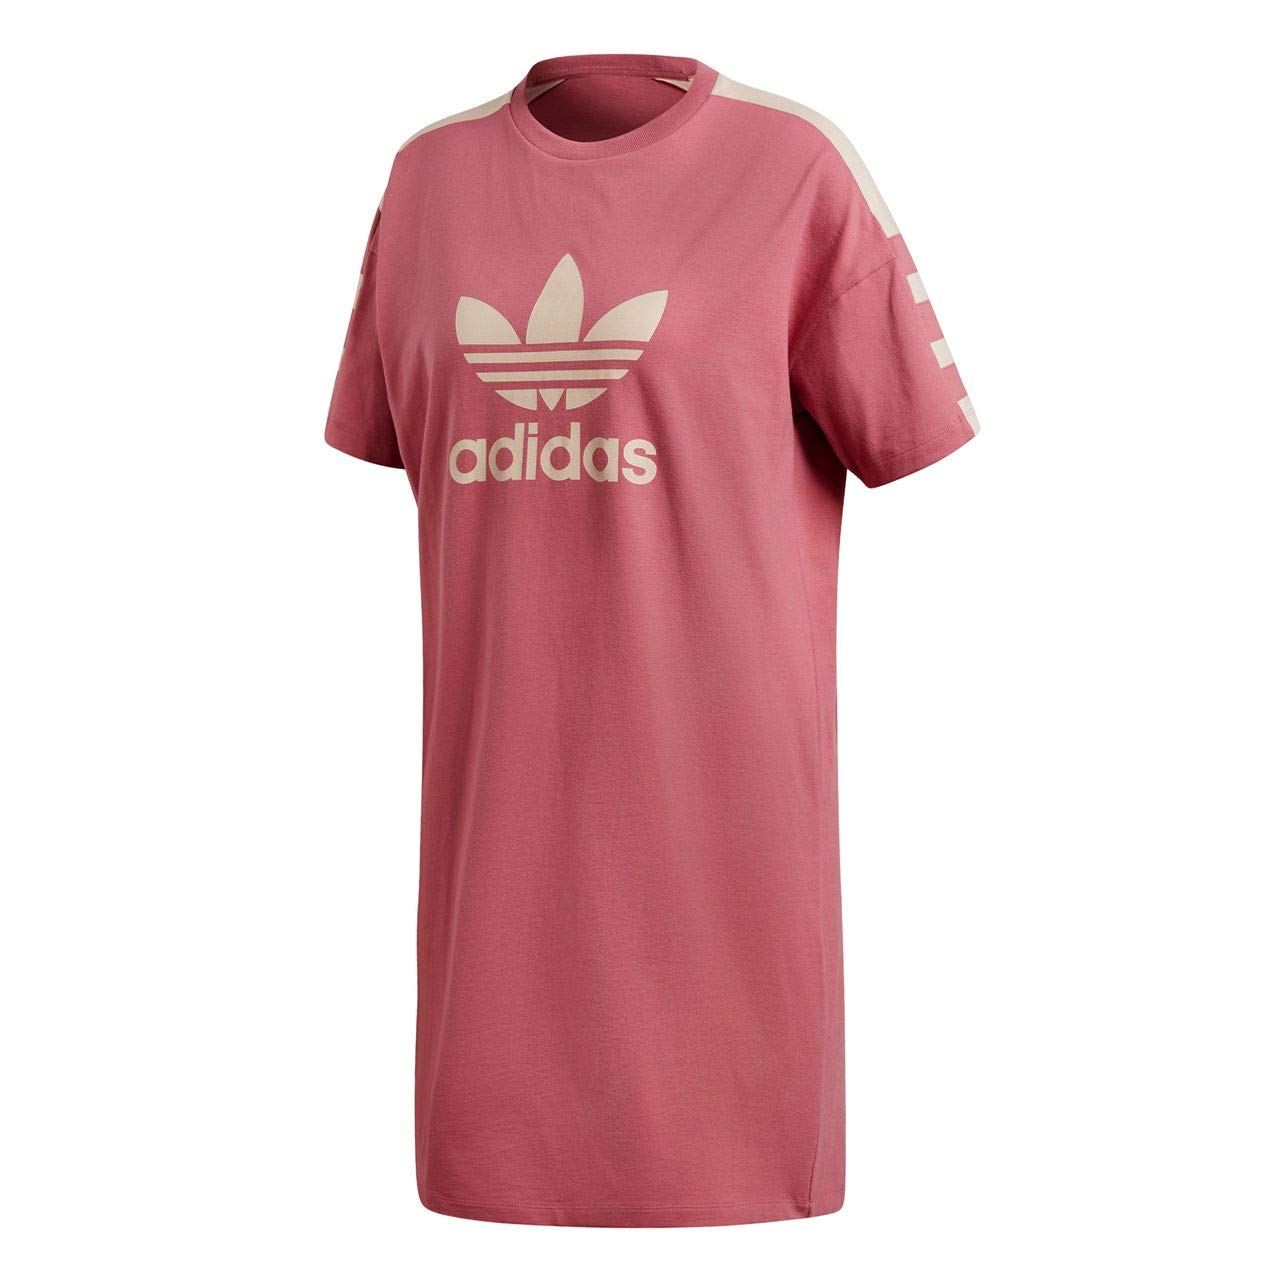 adidas Vestido de Mujer en Camiseta Rosa DH4181: Amazon.es: Ropa y accesorios